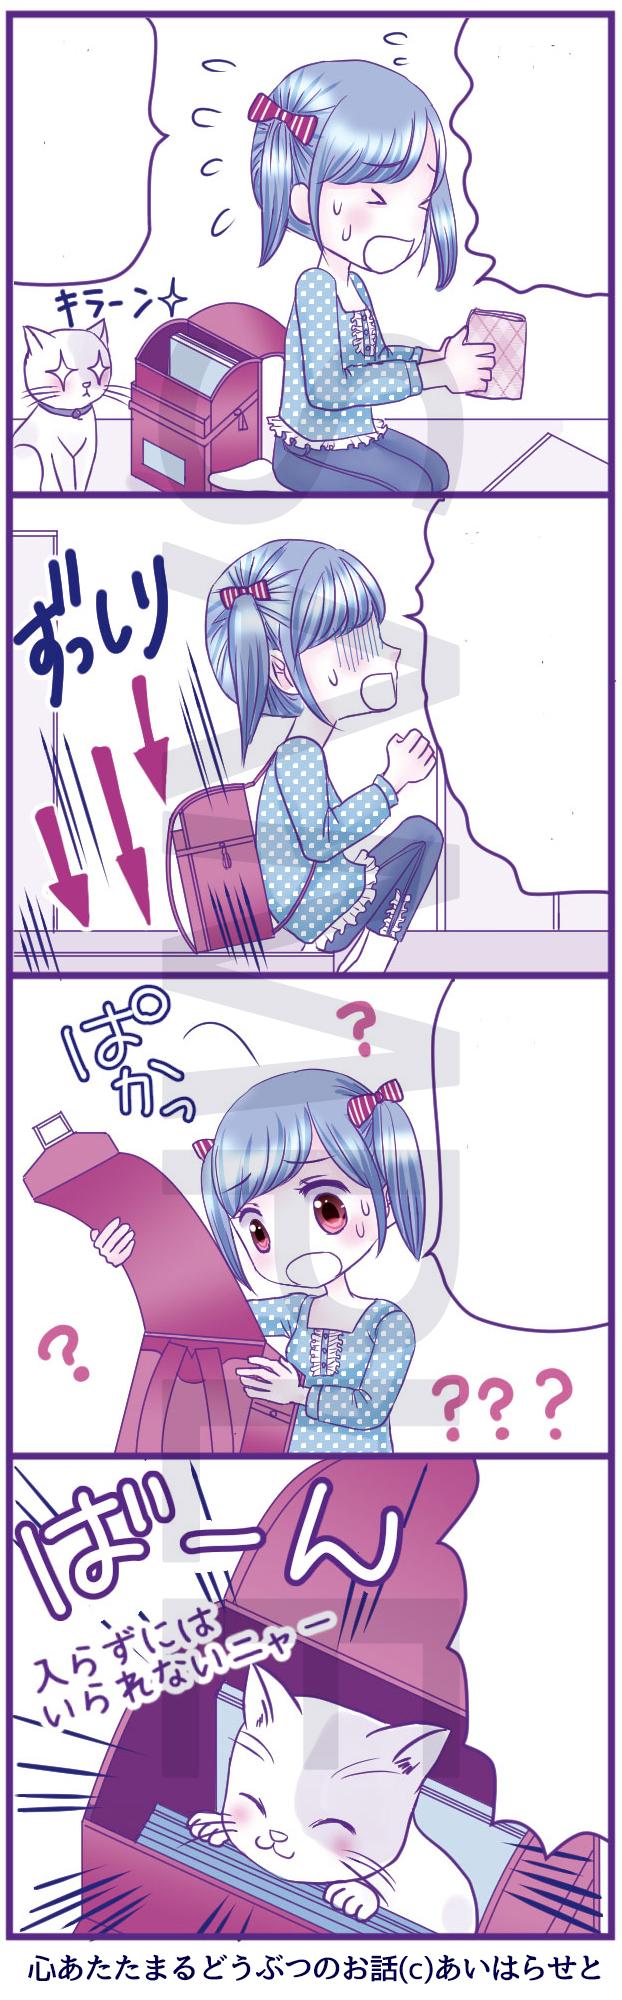 心あたたまるどうぶつのお話10